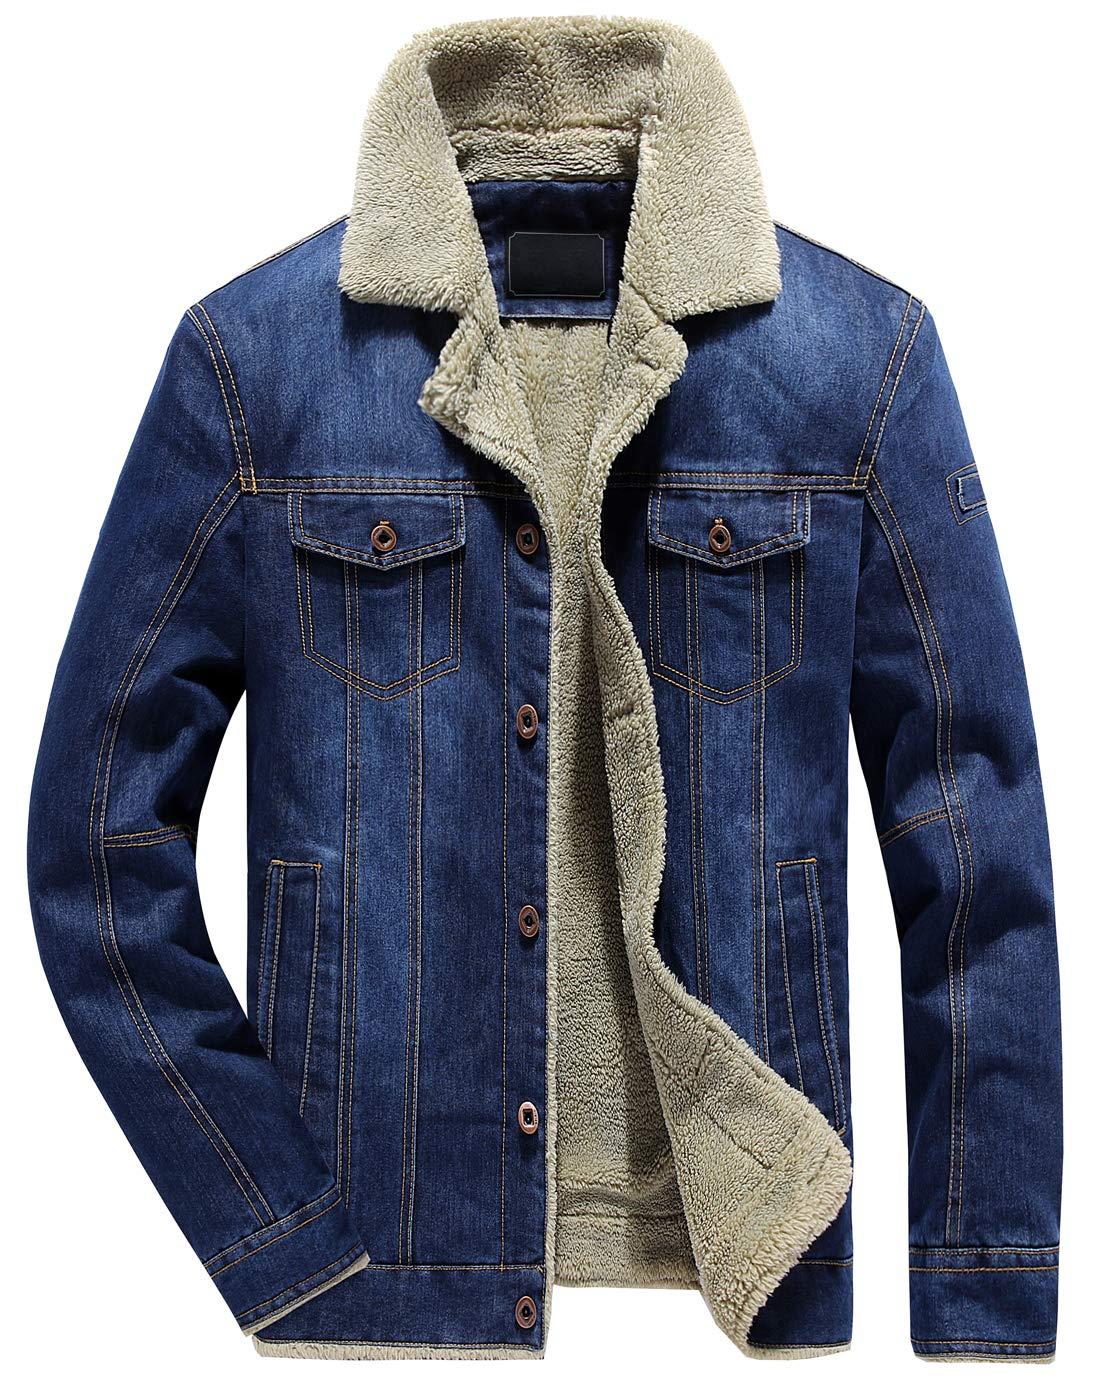 chouyatou Men's Classic Button Front Rugged Sherpa Lined Denim Trucker Jackets (XX-Large, Blue) by chouyatou